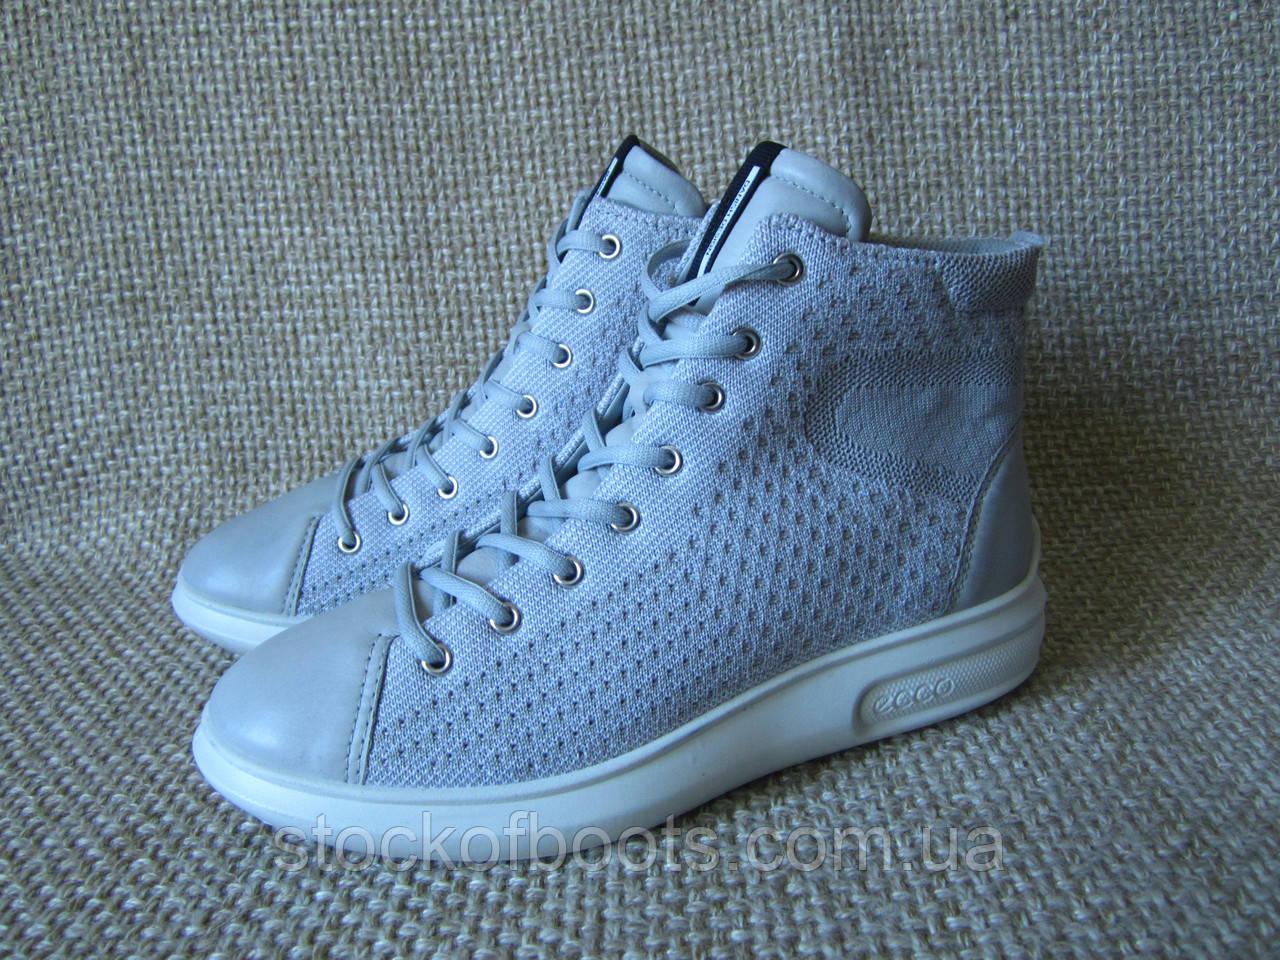 Снікерси кросівки шкіряні сірі ecco Soft 3 221513 розмір 41  продажа ... 4b215a6c2248f